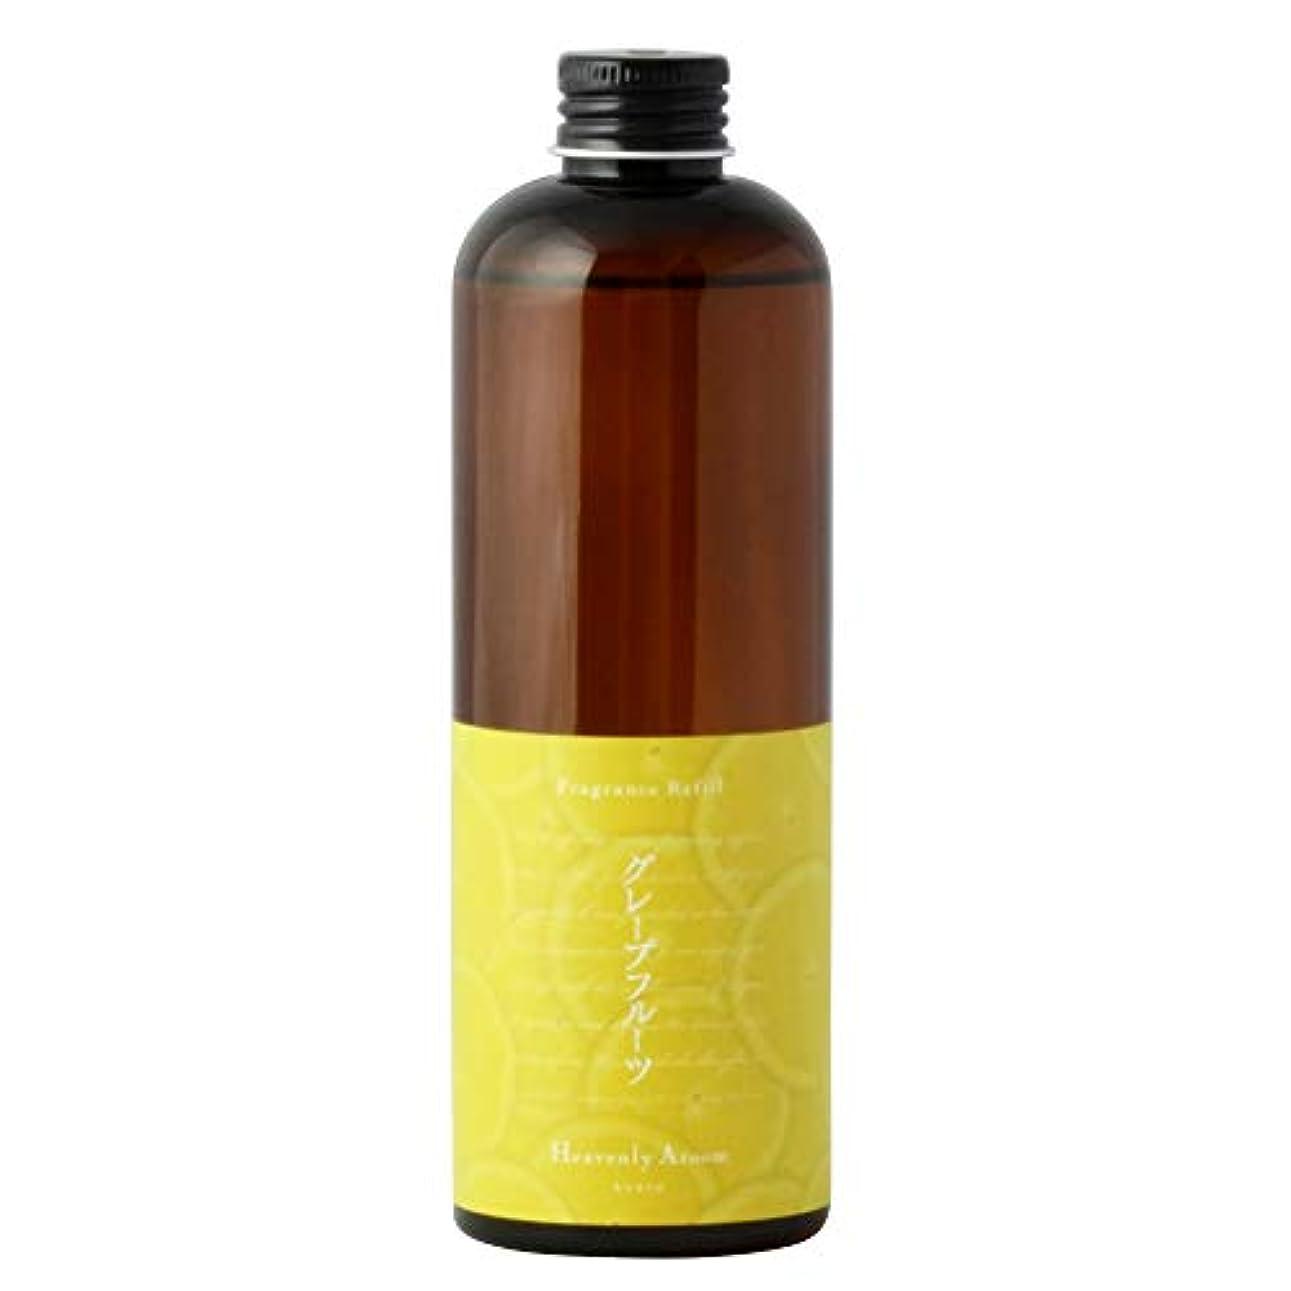 製油所子猫エゴイズムHeavenly Aroom フレグランスリフィル グレープフルーツ 300ml